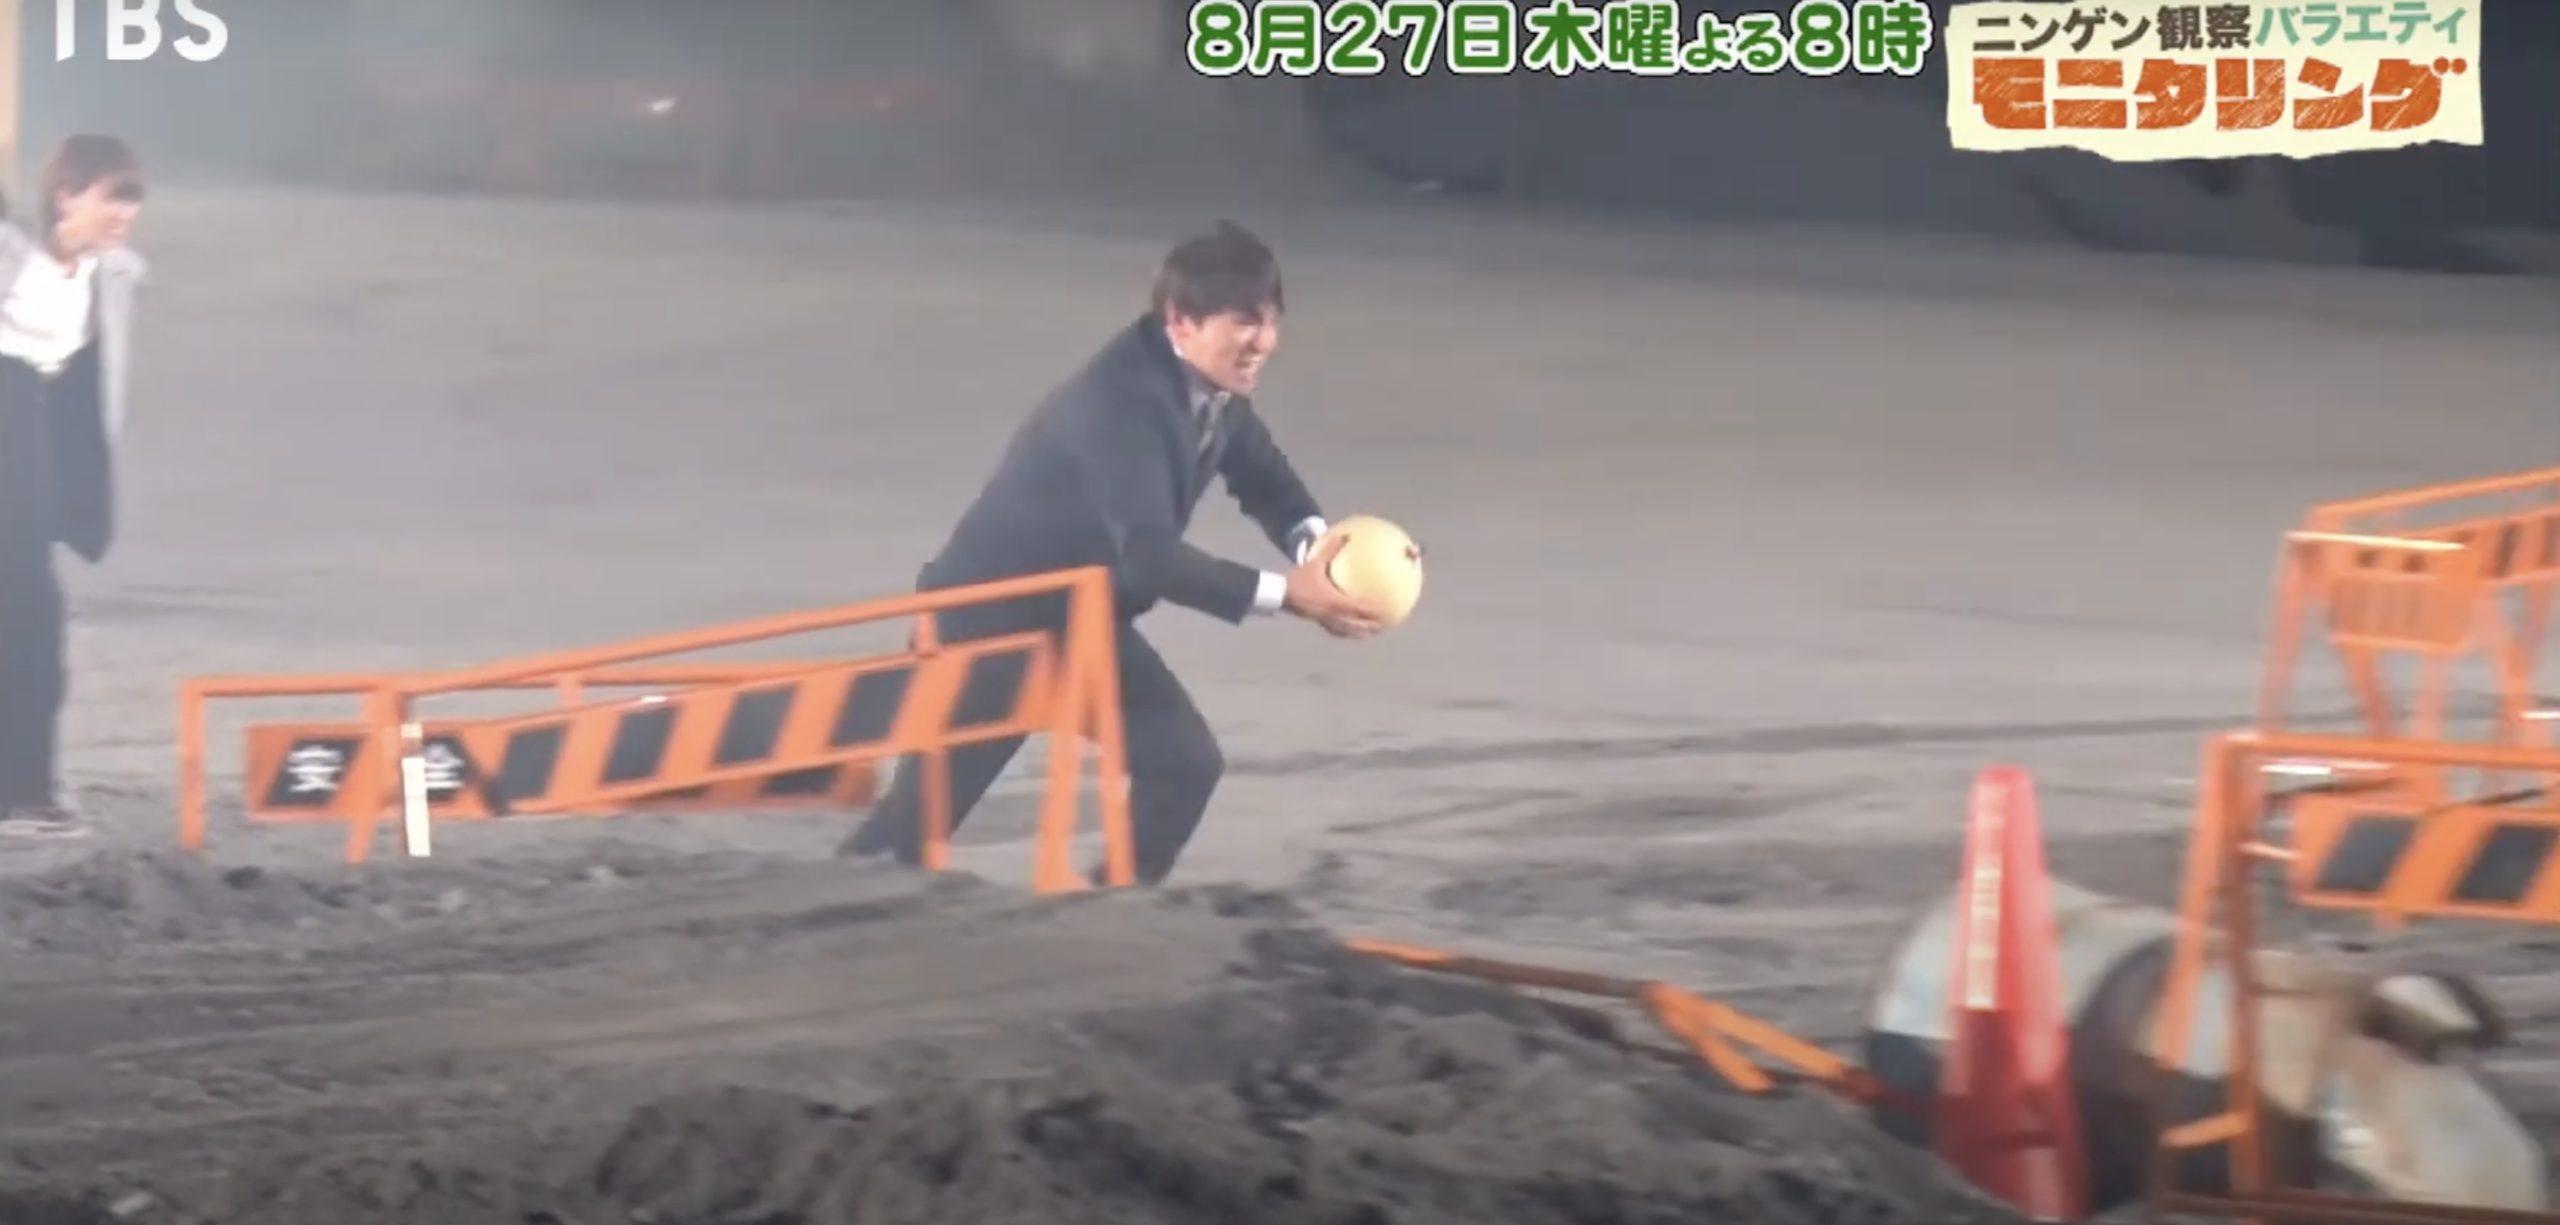 モニタリング(大倉忠義&なにわ男子)8月27日の無料動画や見逃し配信をフル視聴する方法!